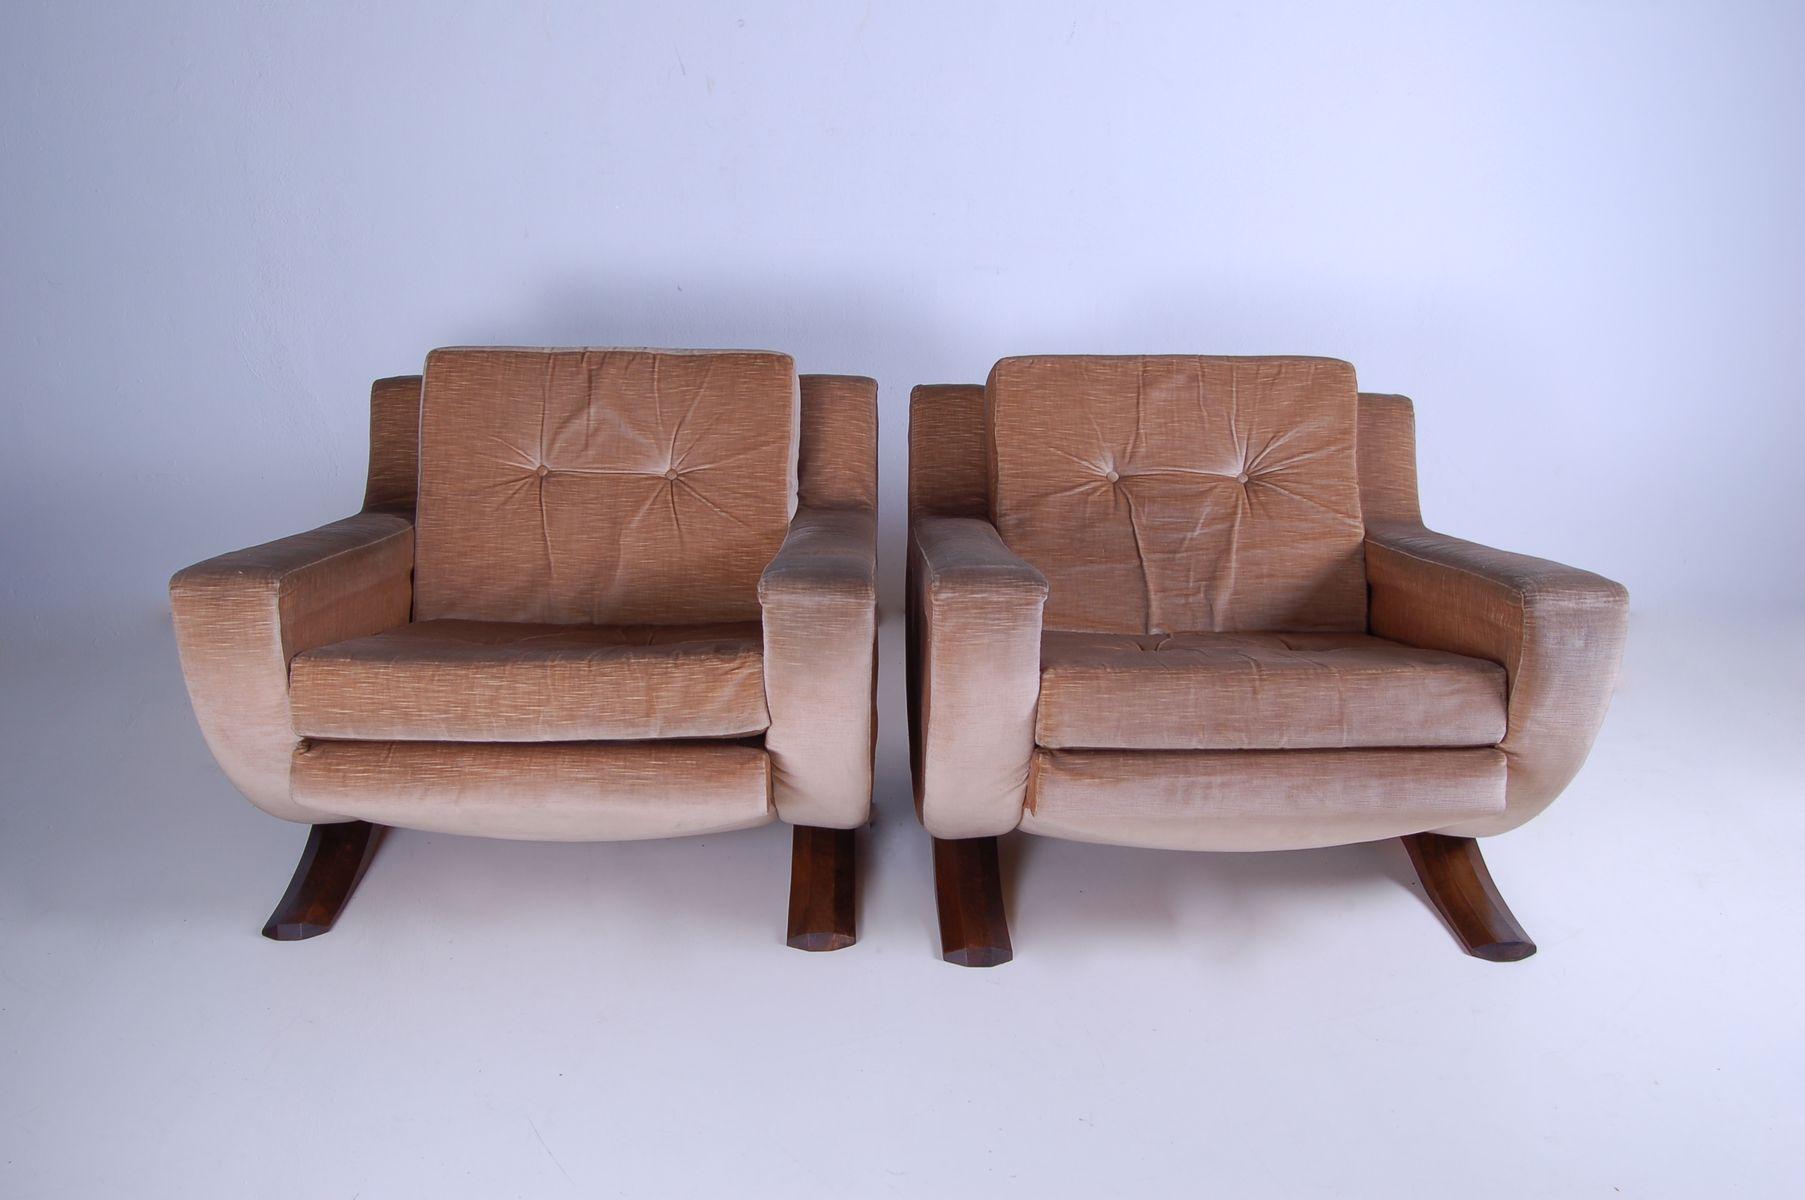 sessel mit wippfunktion 1970er 2er set bei pamono kaufen. Black Bedroom Furniture Sets. Home Design Ideas